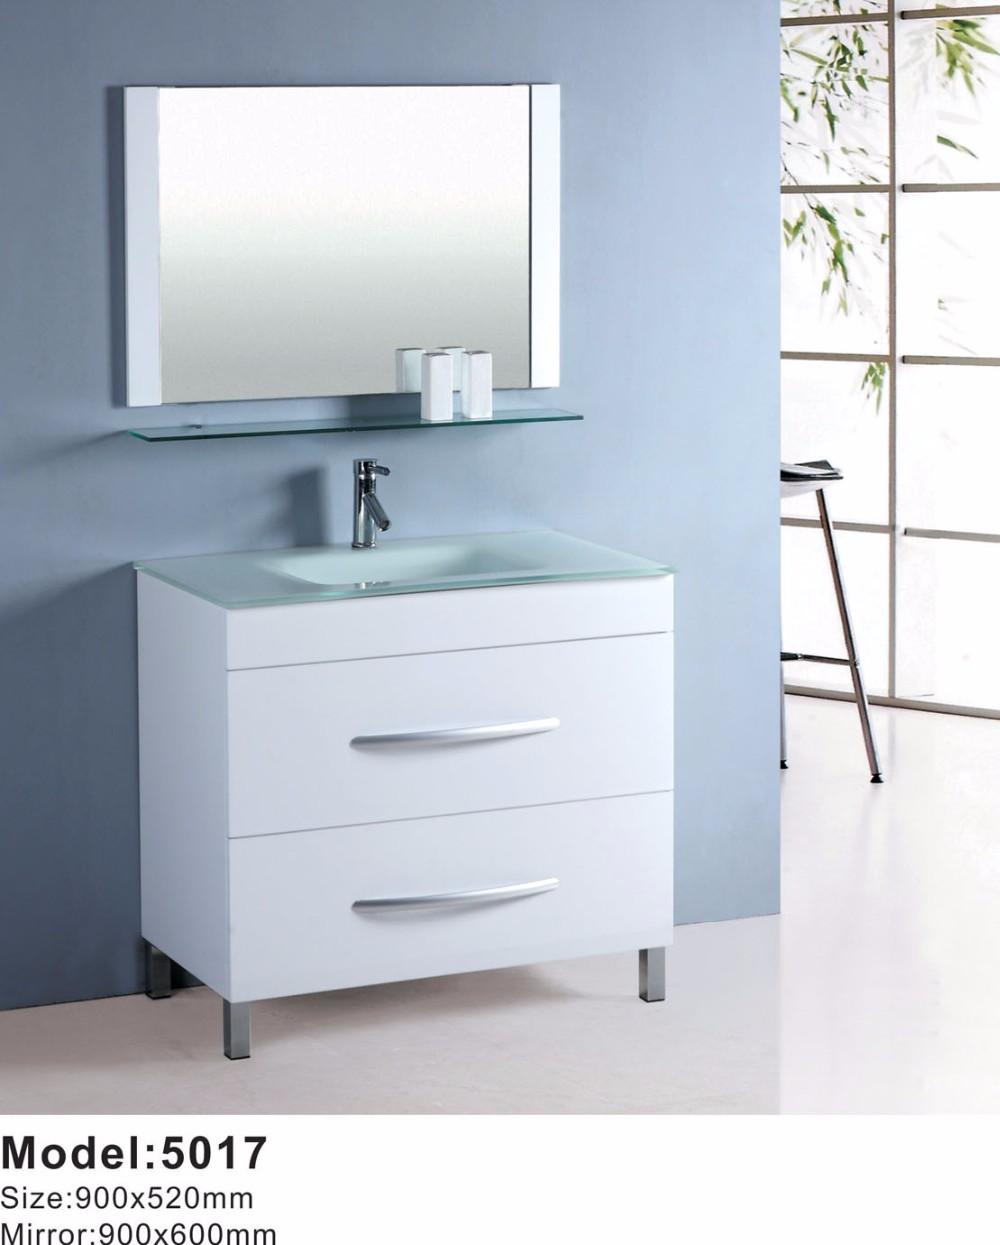 Mirror Glass Floor Standing Tall Bathroom Vanity Cabinet - Buy ...